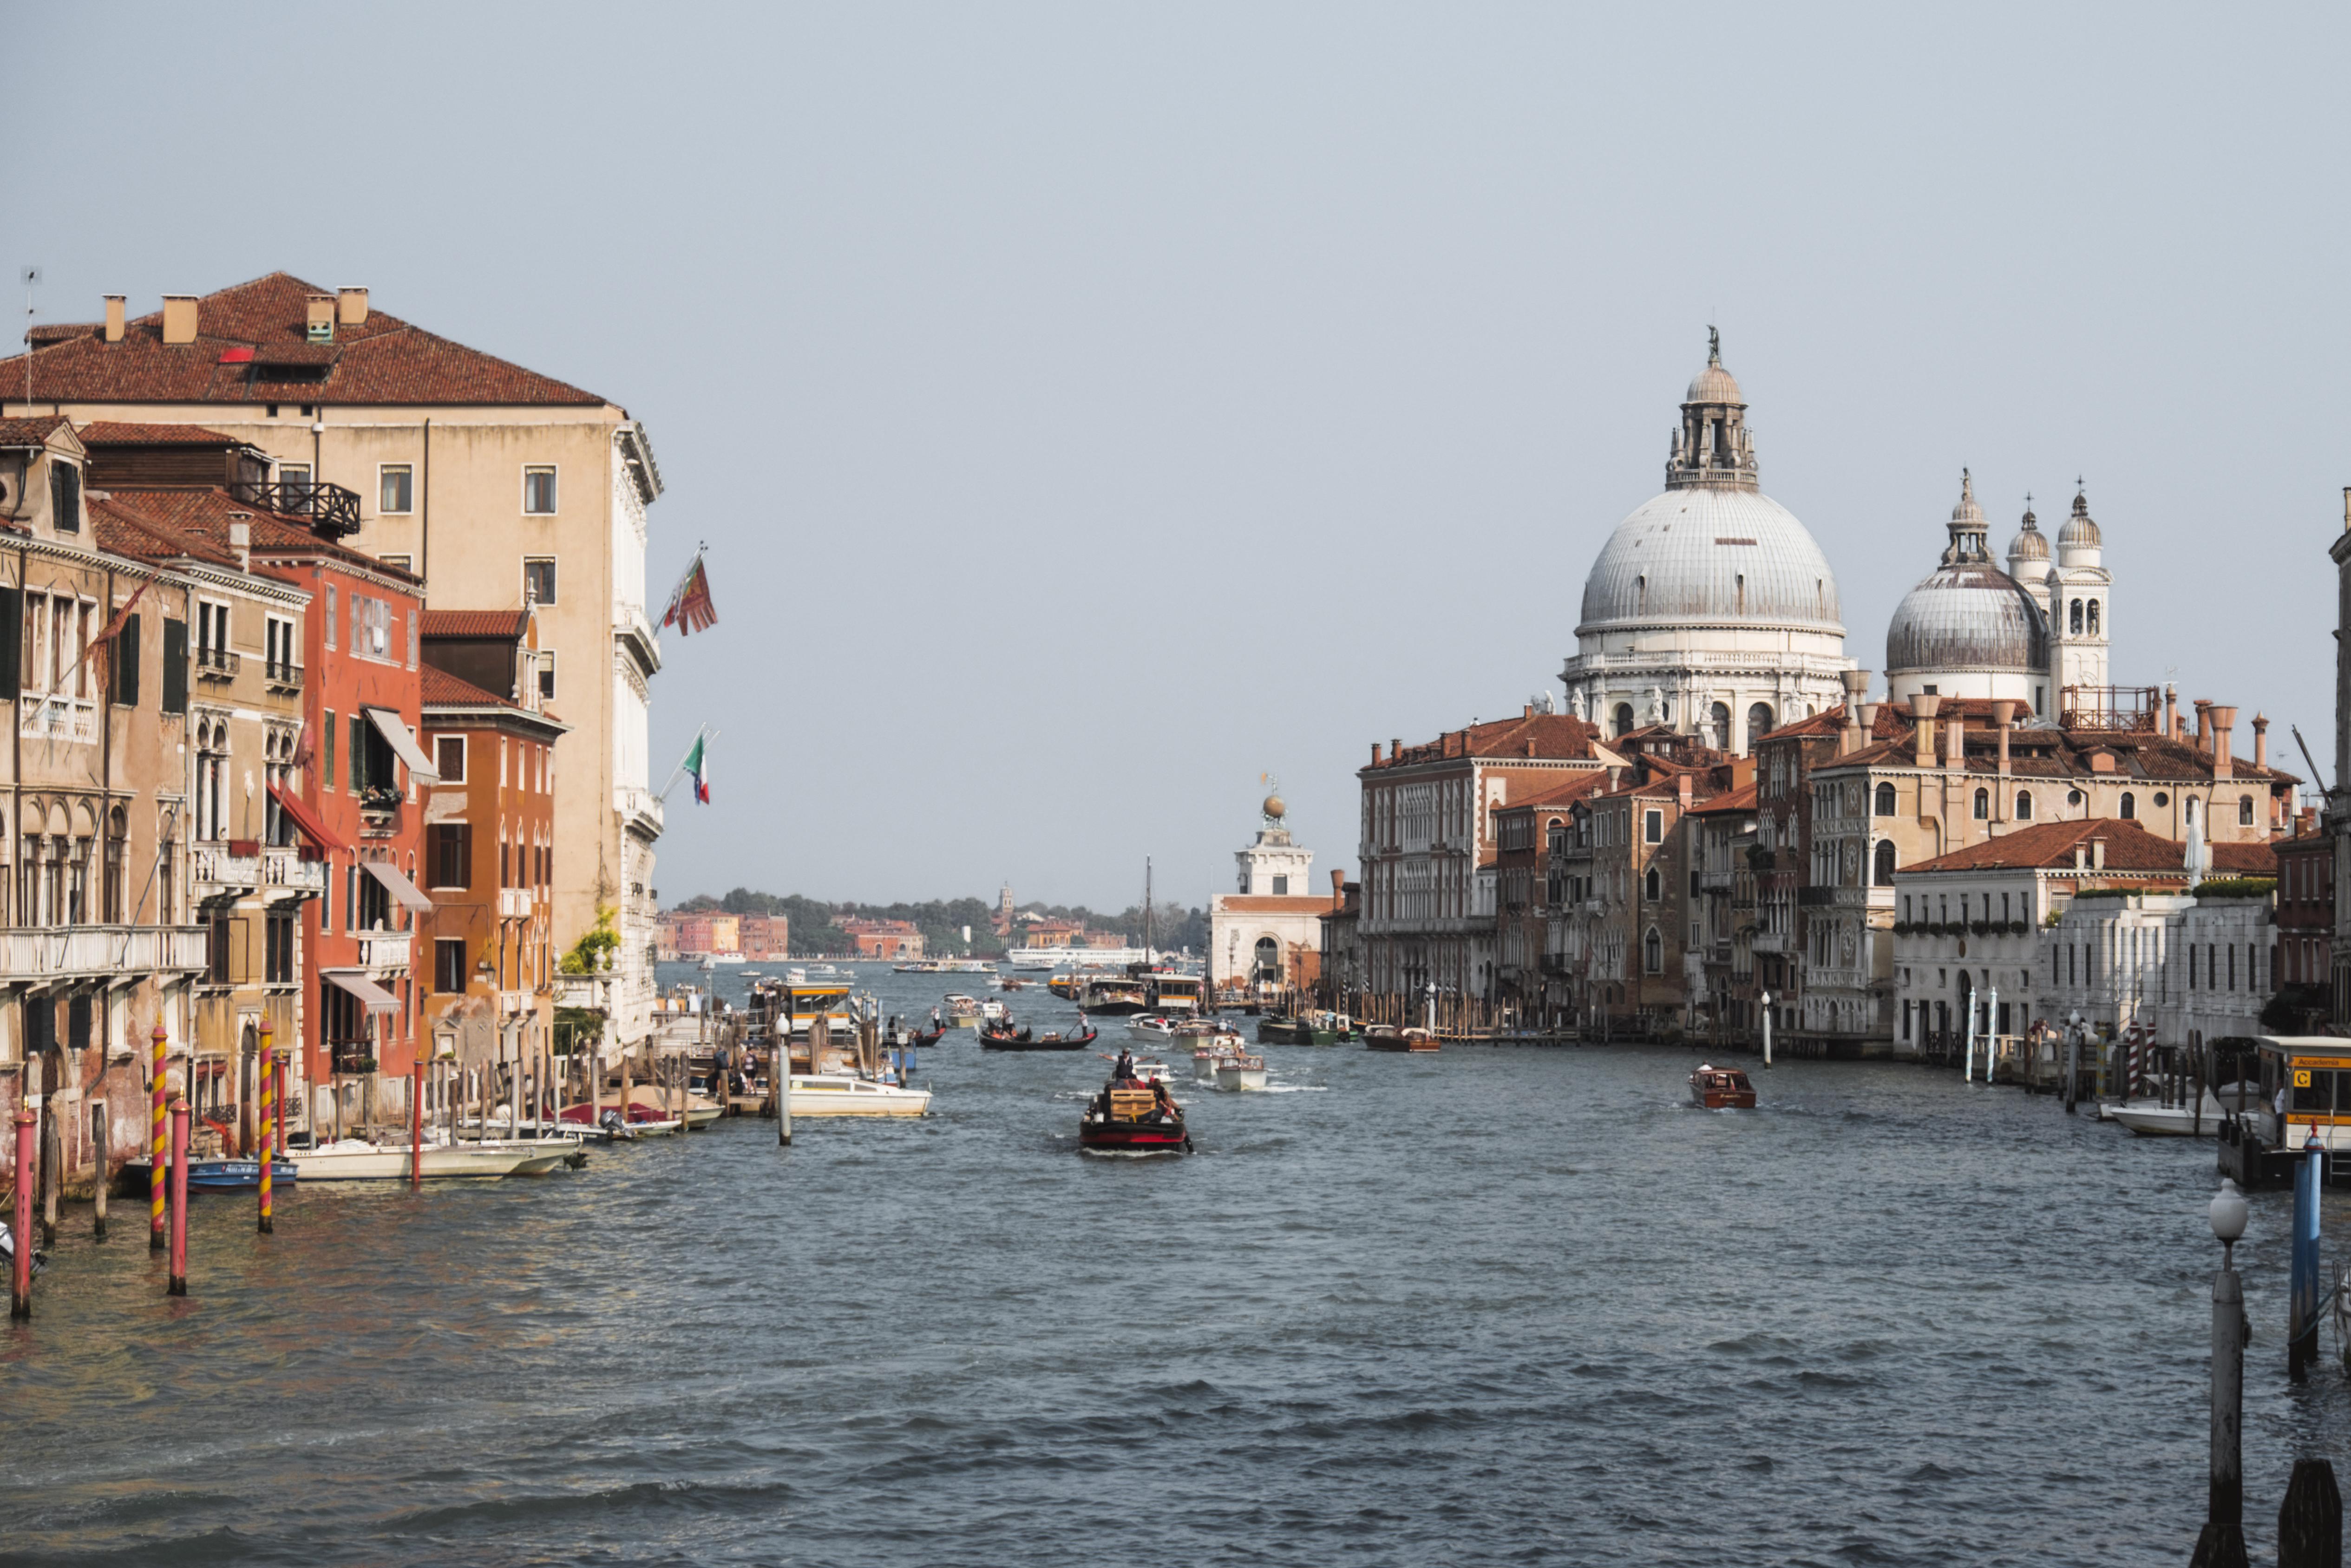 Une journee a Venise - Pont du Rialto